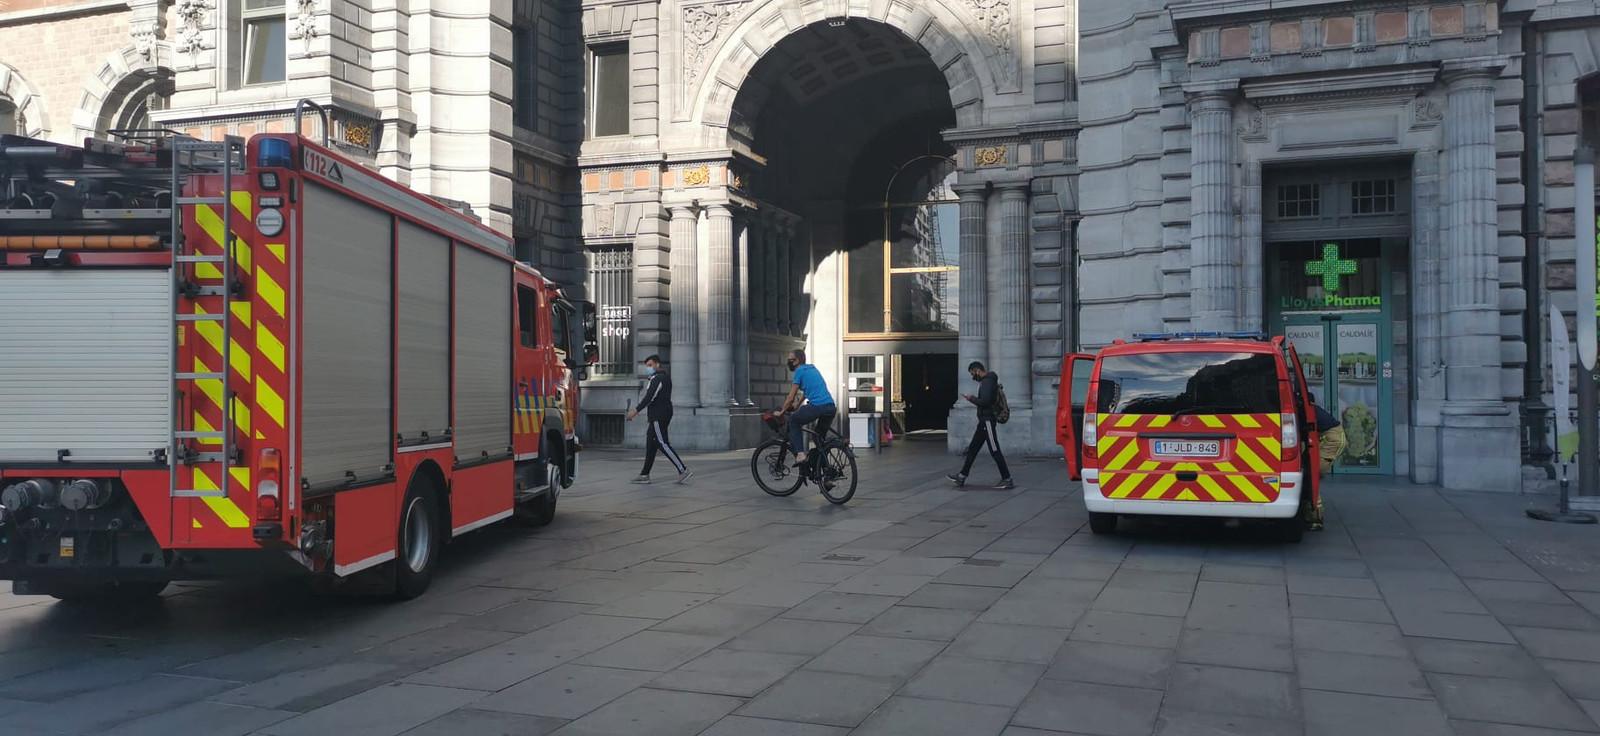 De brandweer kwam ter plaatse om de brand aan boord van een locomotief te blussen.